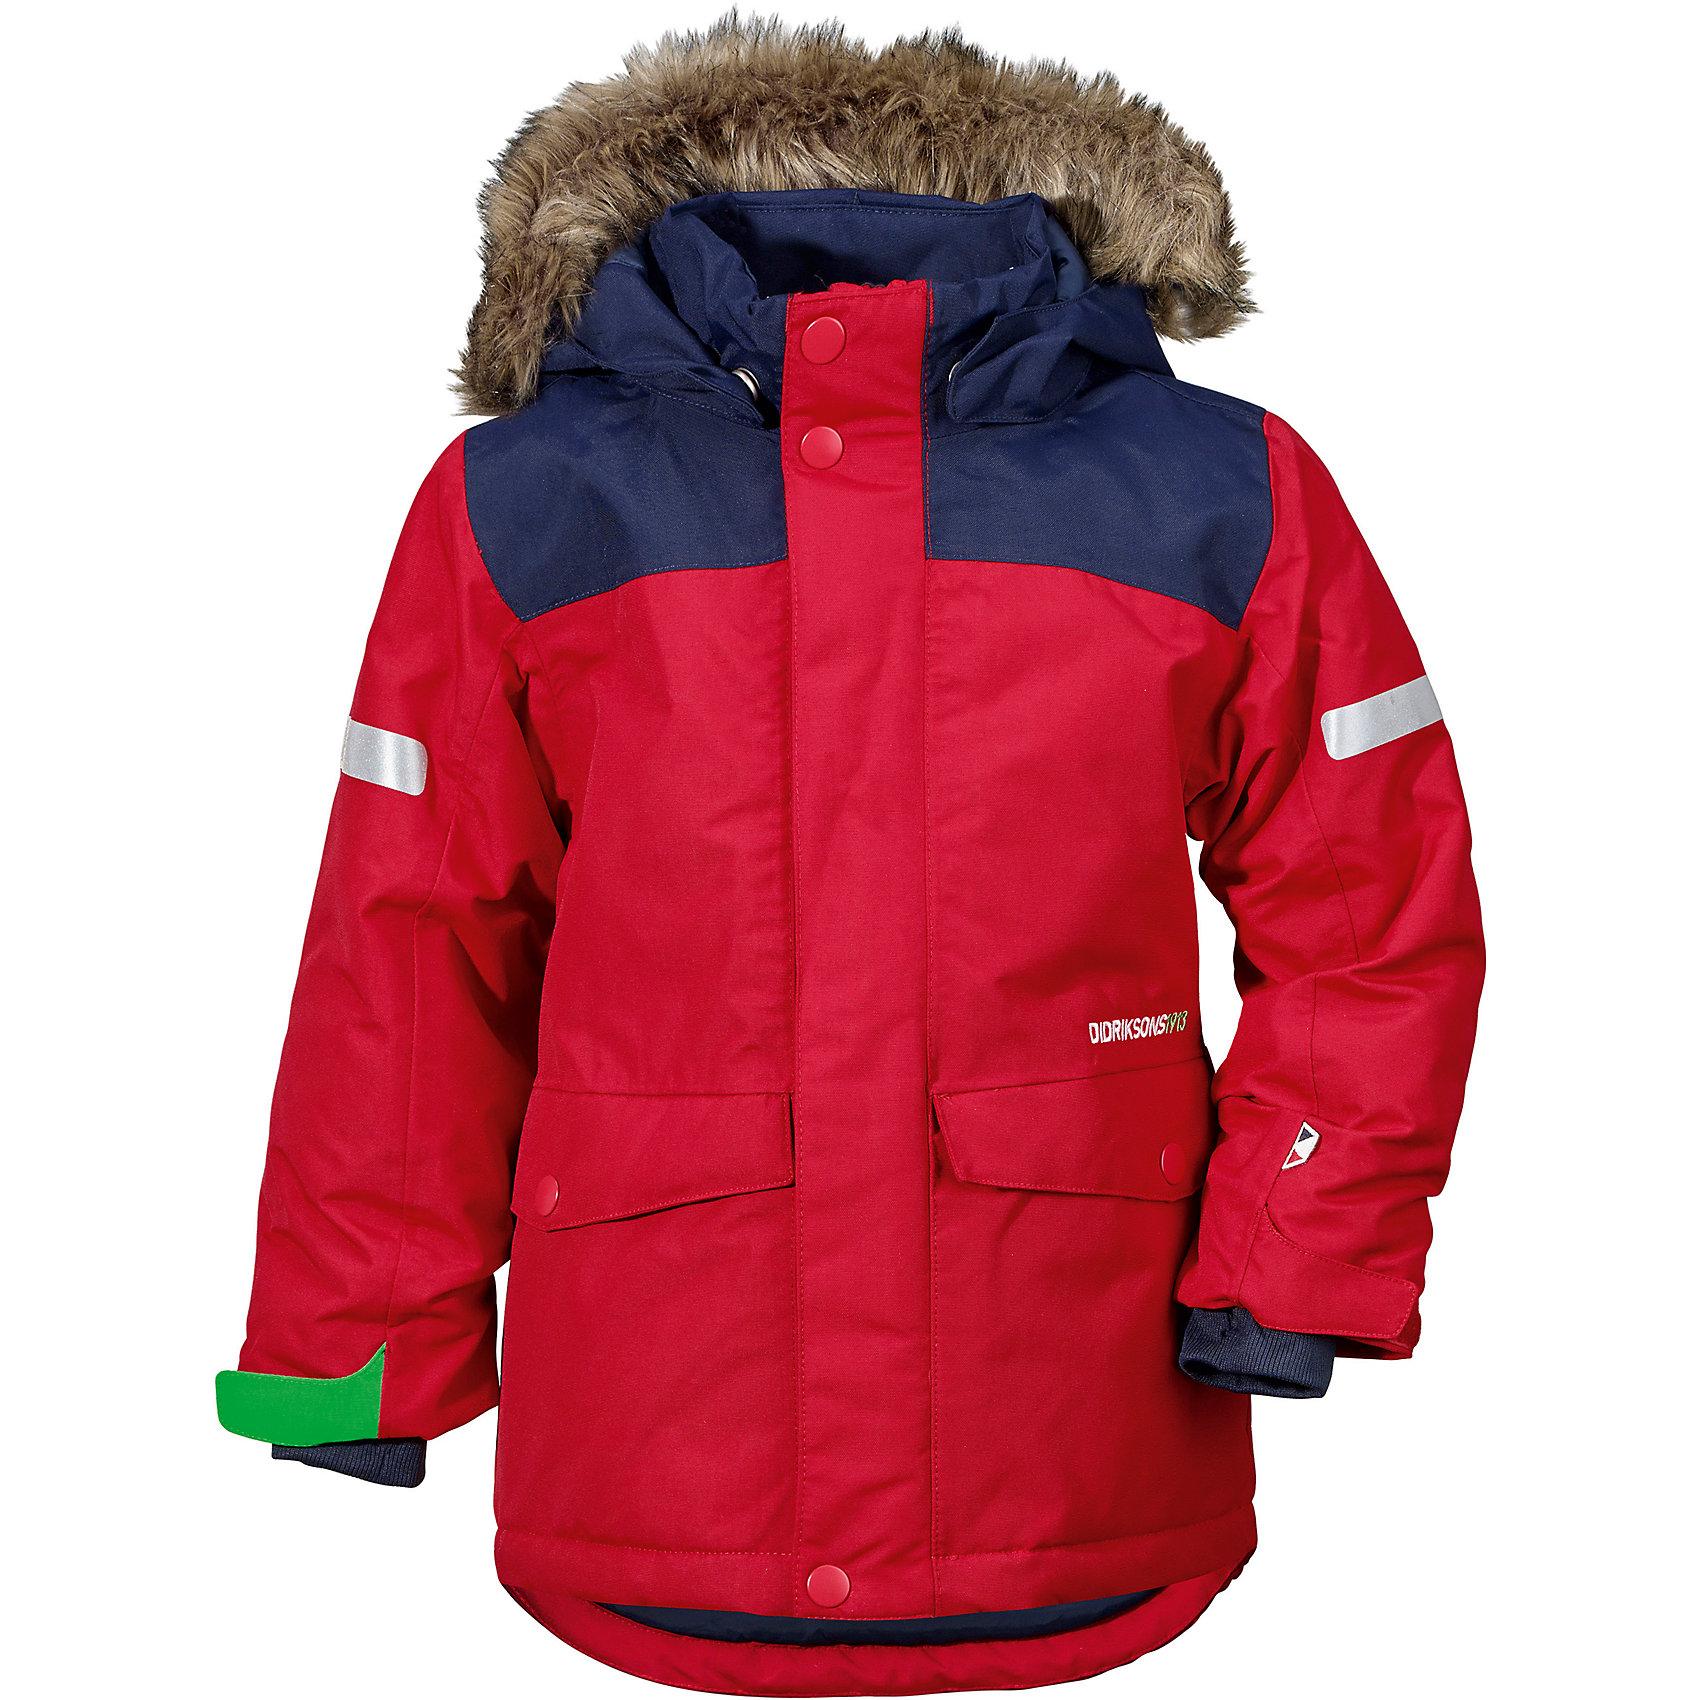 Куртка STORLIEN  DIDRIKSONS для мальчикаВерхняя одежда<br>Характеристики товара:<br><br>• цвет: красный<br>• состав ткани: 100% полиэстер<br>• подкладка: 100% полиэстер<br>• утеплитель: 100% полиэстер<br>• сезон: зима<br>• мембранное покрытие<br>• температурный режим: от -20 до 0<br>• водонепроницаемость: 5000 мм <br>• паропроницаемость: 4000 г/м2<br>• плотность утеплителя: 240 г/м2<br>• швы проклеены<br>• съемный капюшон<br>• съемный искусственный мех на капюшоне<br>• регулируемый капюшон, талия и рукава<br>• внутренние эластичные манжеты с отверстием для большого пальца<br>• крепления для перчаток<br>• светоотражающие детали<br>• застежка: молния, кнопки<br>• штрипки<br>• конструкция позволяет увеличить длину рукава на один размер<br>• страна бренда: Швеция<br>• страна изготовитель: Китай<br><br>Стильная мембранная куртка для ребенка отличается продуманным дизайном. Плотный непромокаемый и непродуваемый верх детской куртки не мешает телу дышать. Модная куртка для ребенка Didriksons рассчитана даже на сильные морозы. Детская куртка от известного шведского бренда теплая и легкая. <br><br>Куртку для мальчика Storlien Didriksons (Дидриксонс) можно купить в нашем интернет-магазине.<br><br>Ширина мм: 356<br>Глубина мм: 10<br>Высота мм: 245<br>Вес г: 519<br>Цвет: красный<br>Возраст от месяцев: 108<br>Возраст до месяцев: 120<br>Пол: Мужской<br>Возраст: Детский<br>Размер: 140,80,90,100,110,120,130<br>SKU: 7045460